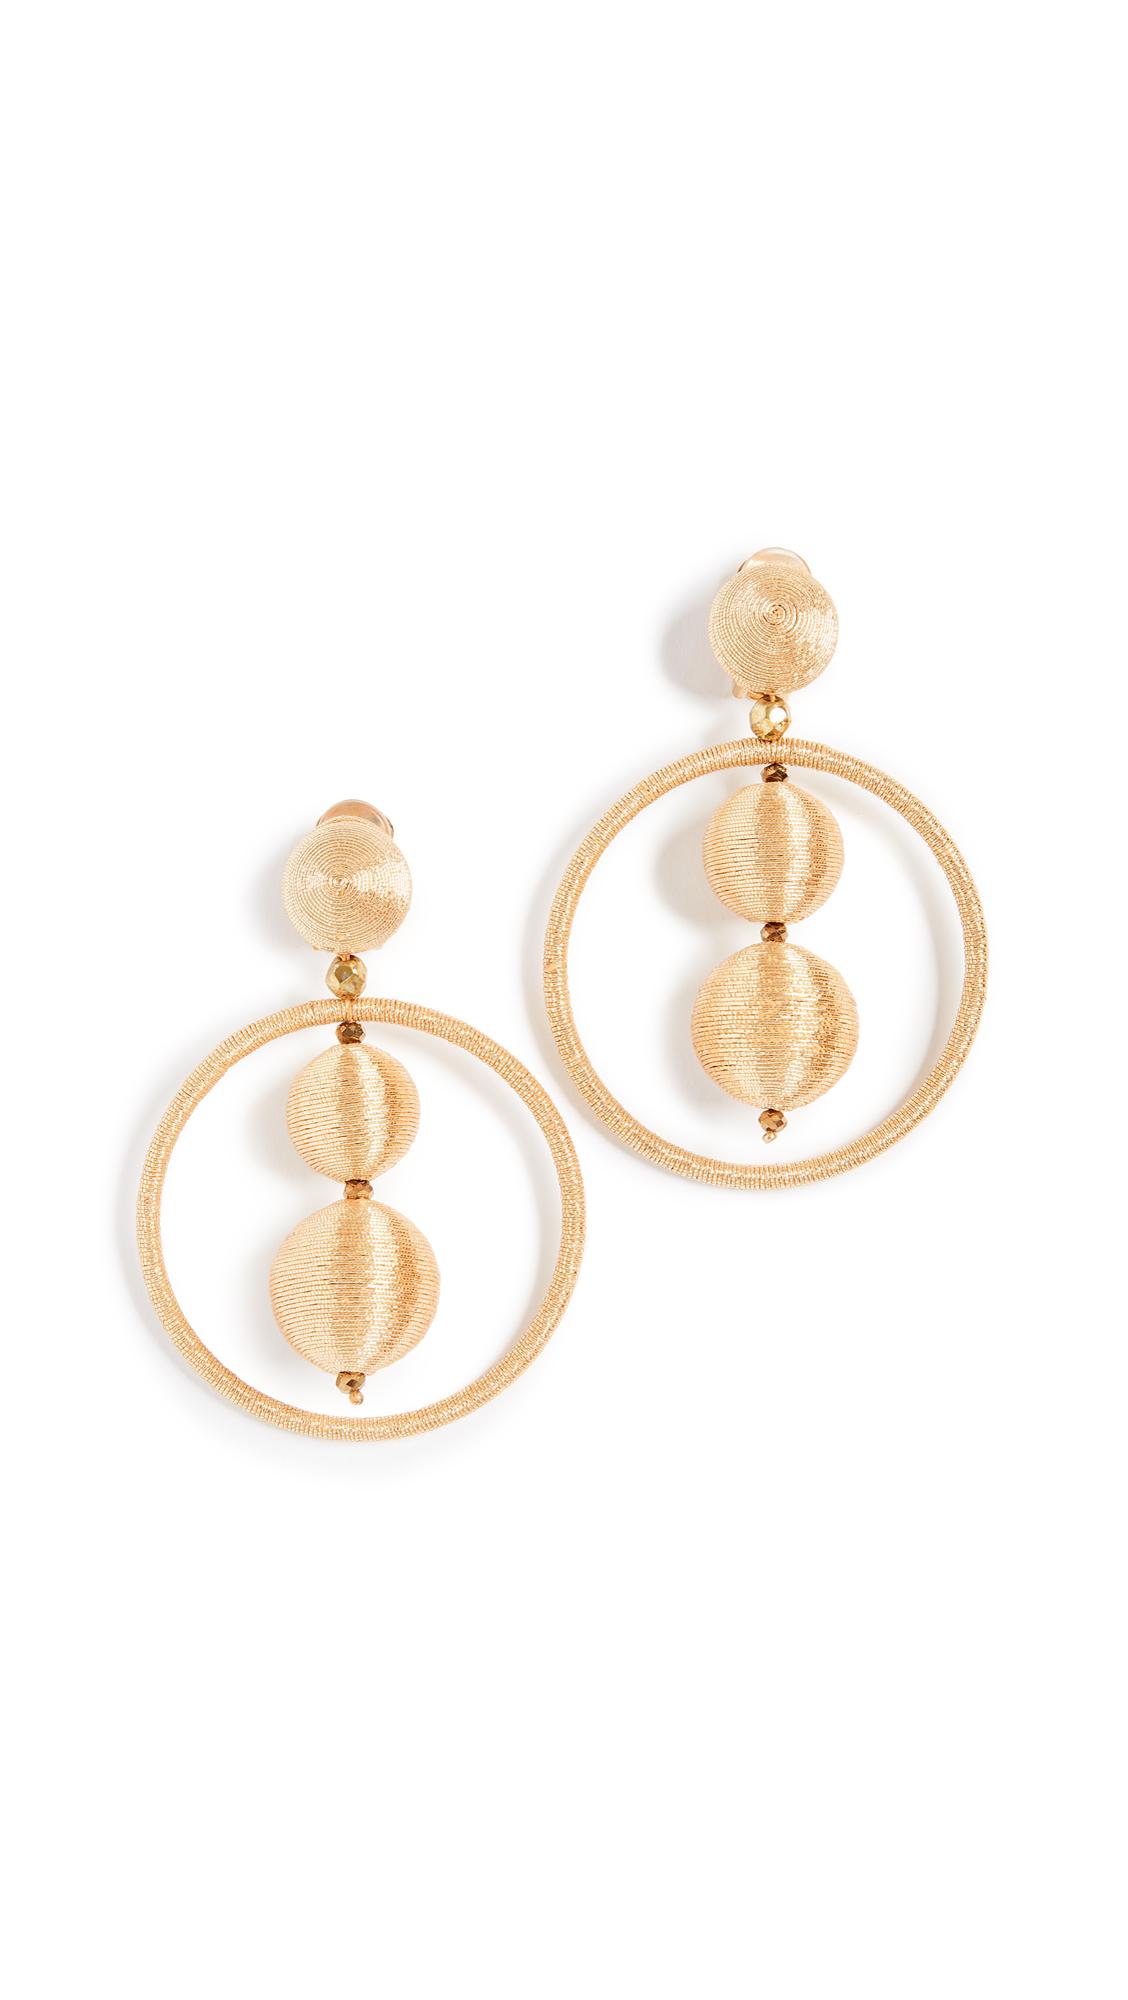 Oscar de la Renta Double Beaded Ball Hoop Clip On Earrings In Gold